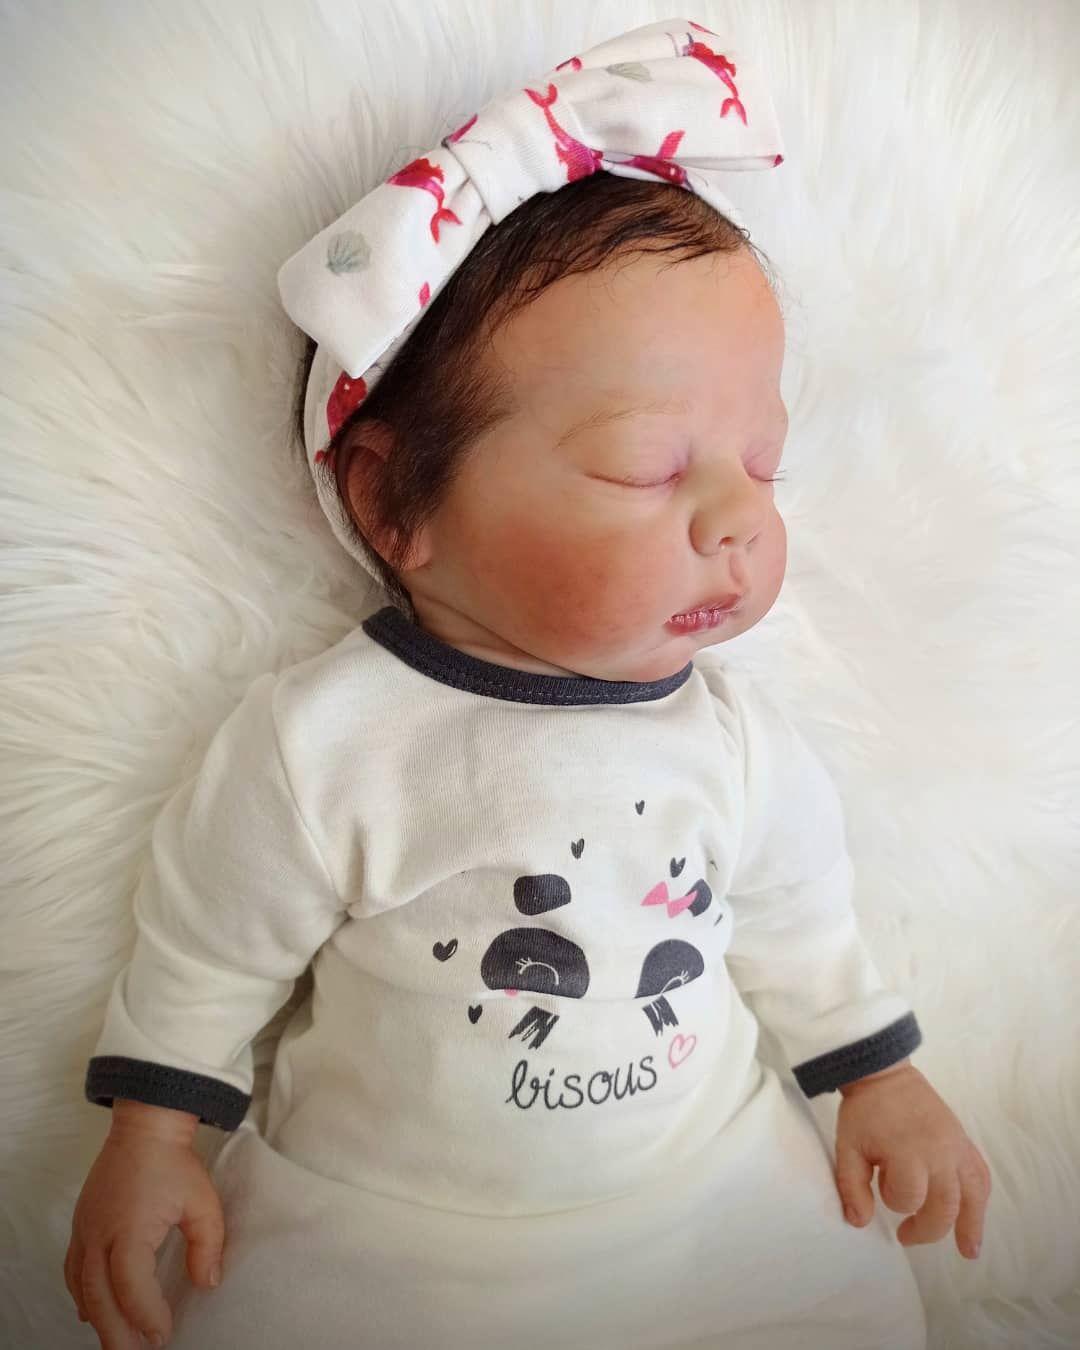 Bebé Reborn original Portes grátis para Portugal continental